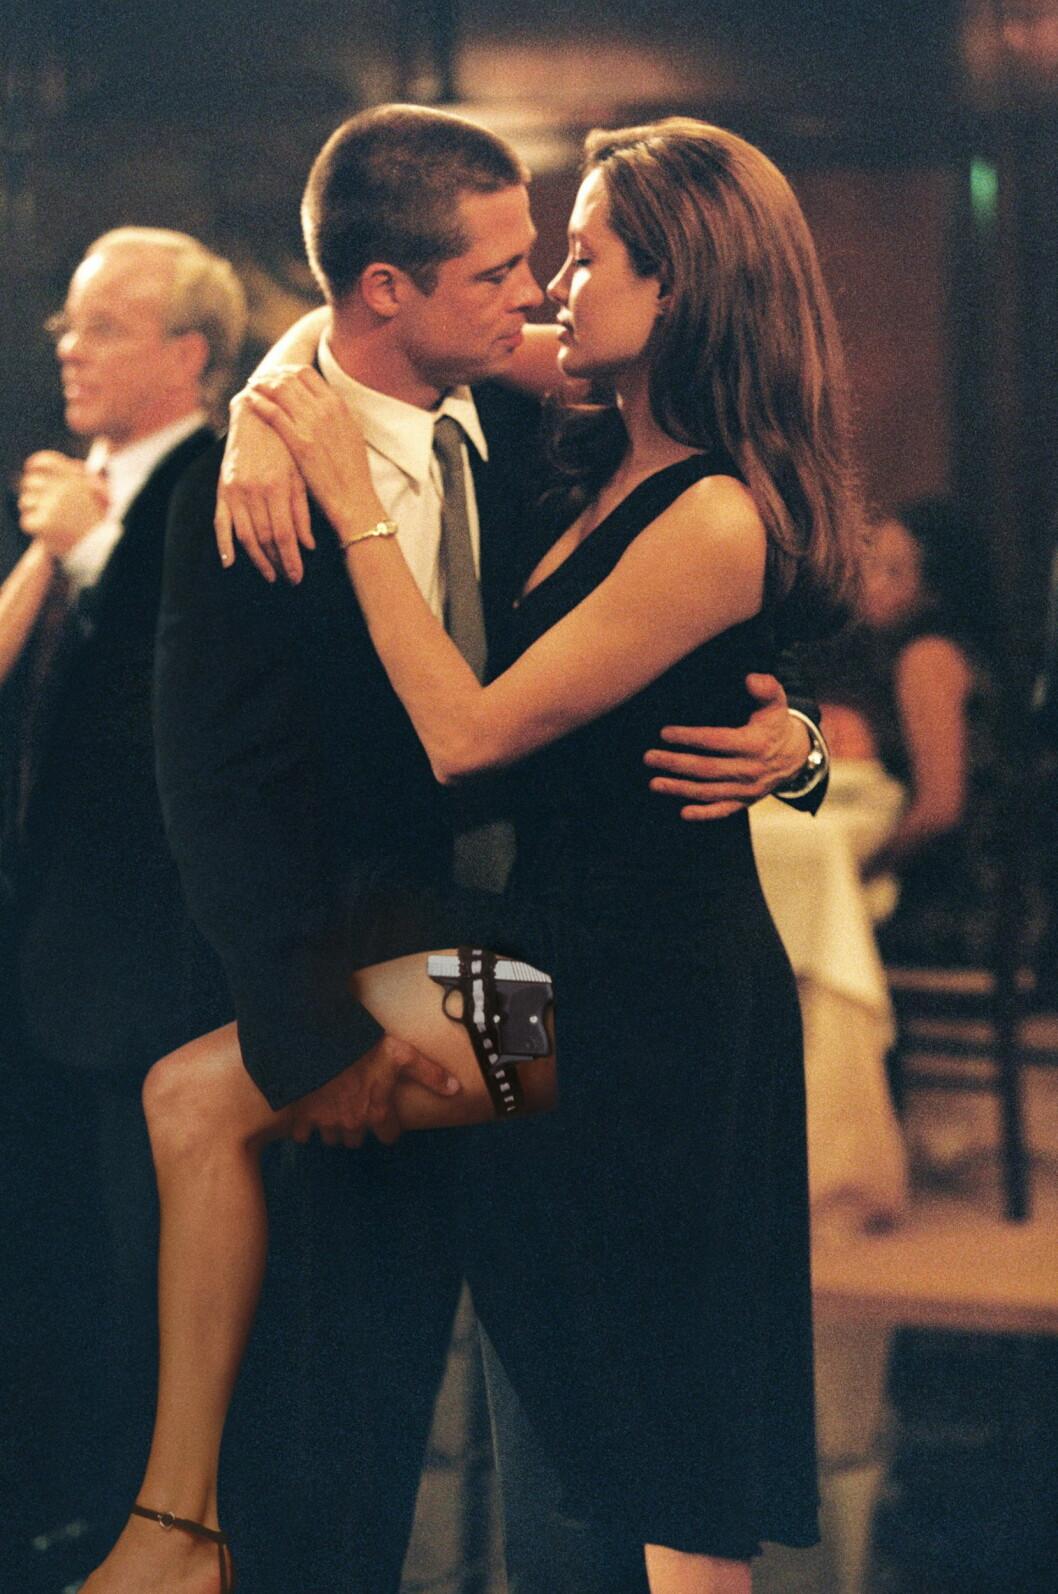 """FALT FOR HVERANDRE PÅ JOBB: Pitt og Jolie har innrømmet at de innledet et forhold med hverandre mens de spilte inn filmen """"Mr & Mrs. Smith"""" i 2004. Brad var den gang gift med Jennifer Aniston. Nå utsettes han for nye utroskapsrykter. Foto: Zuma Press"""